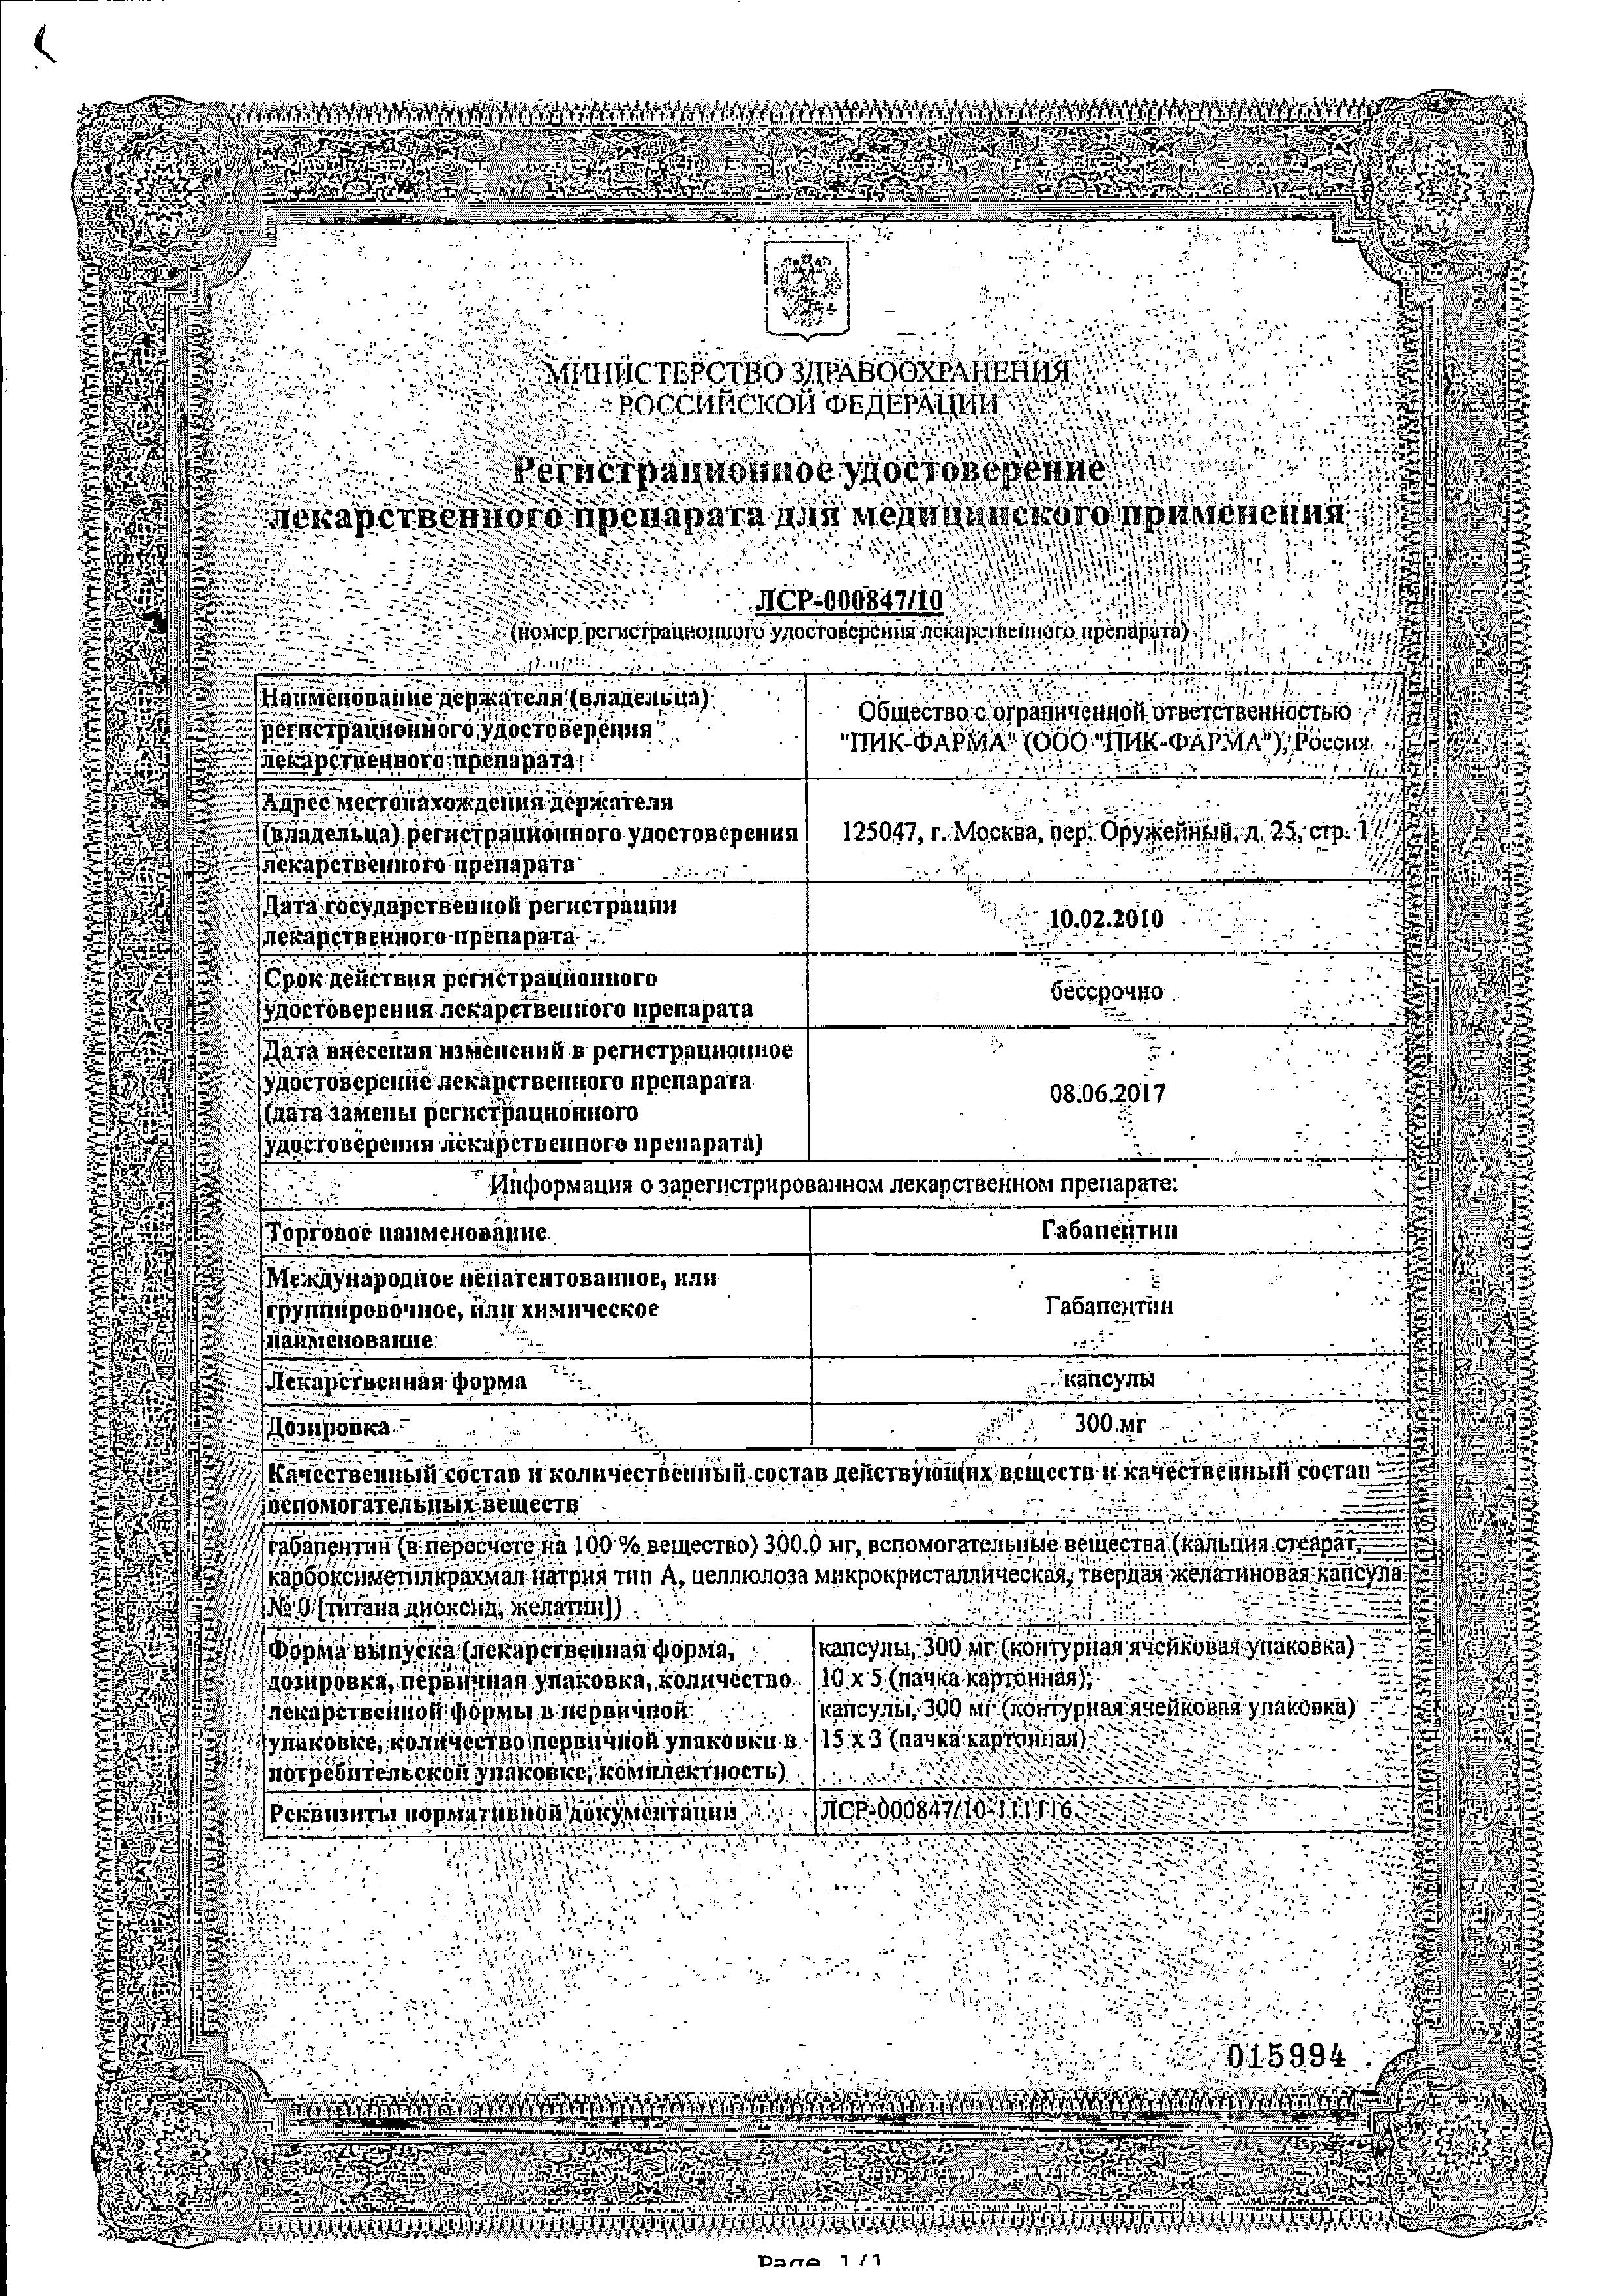 Габапентин сертификат